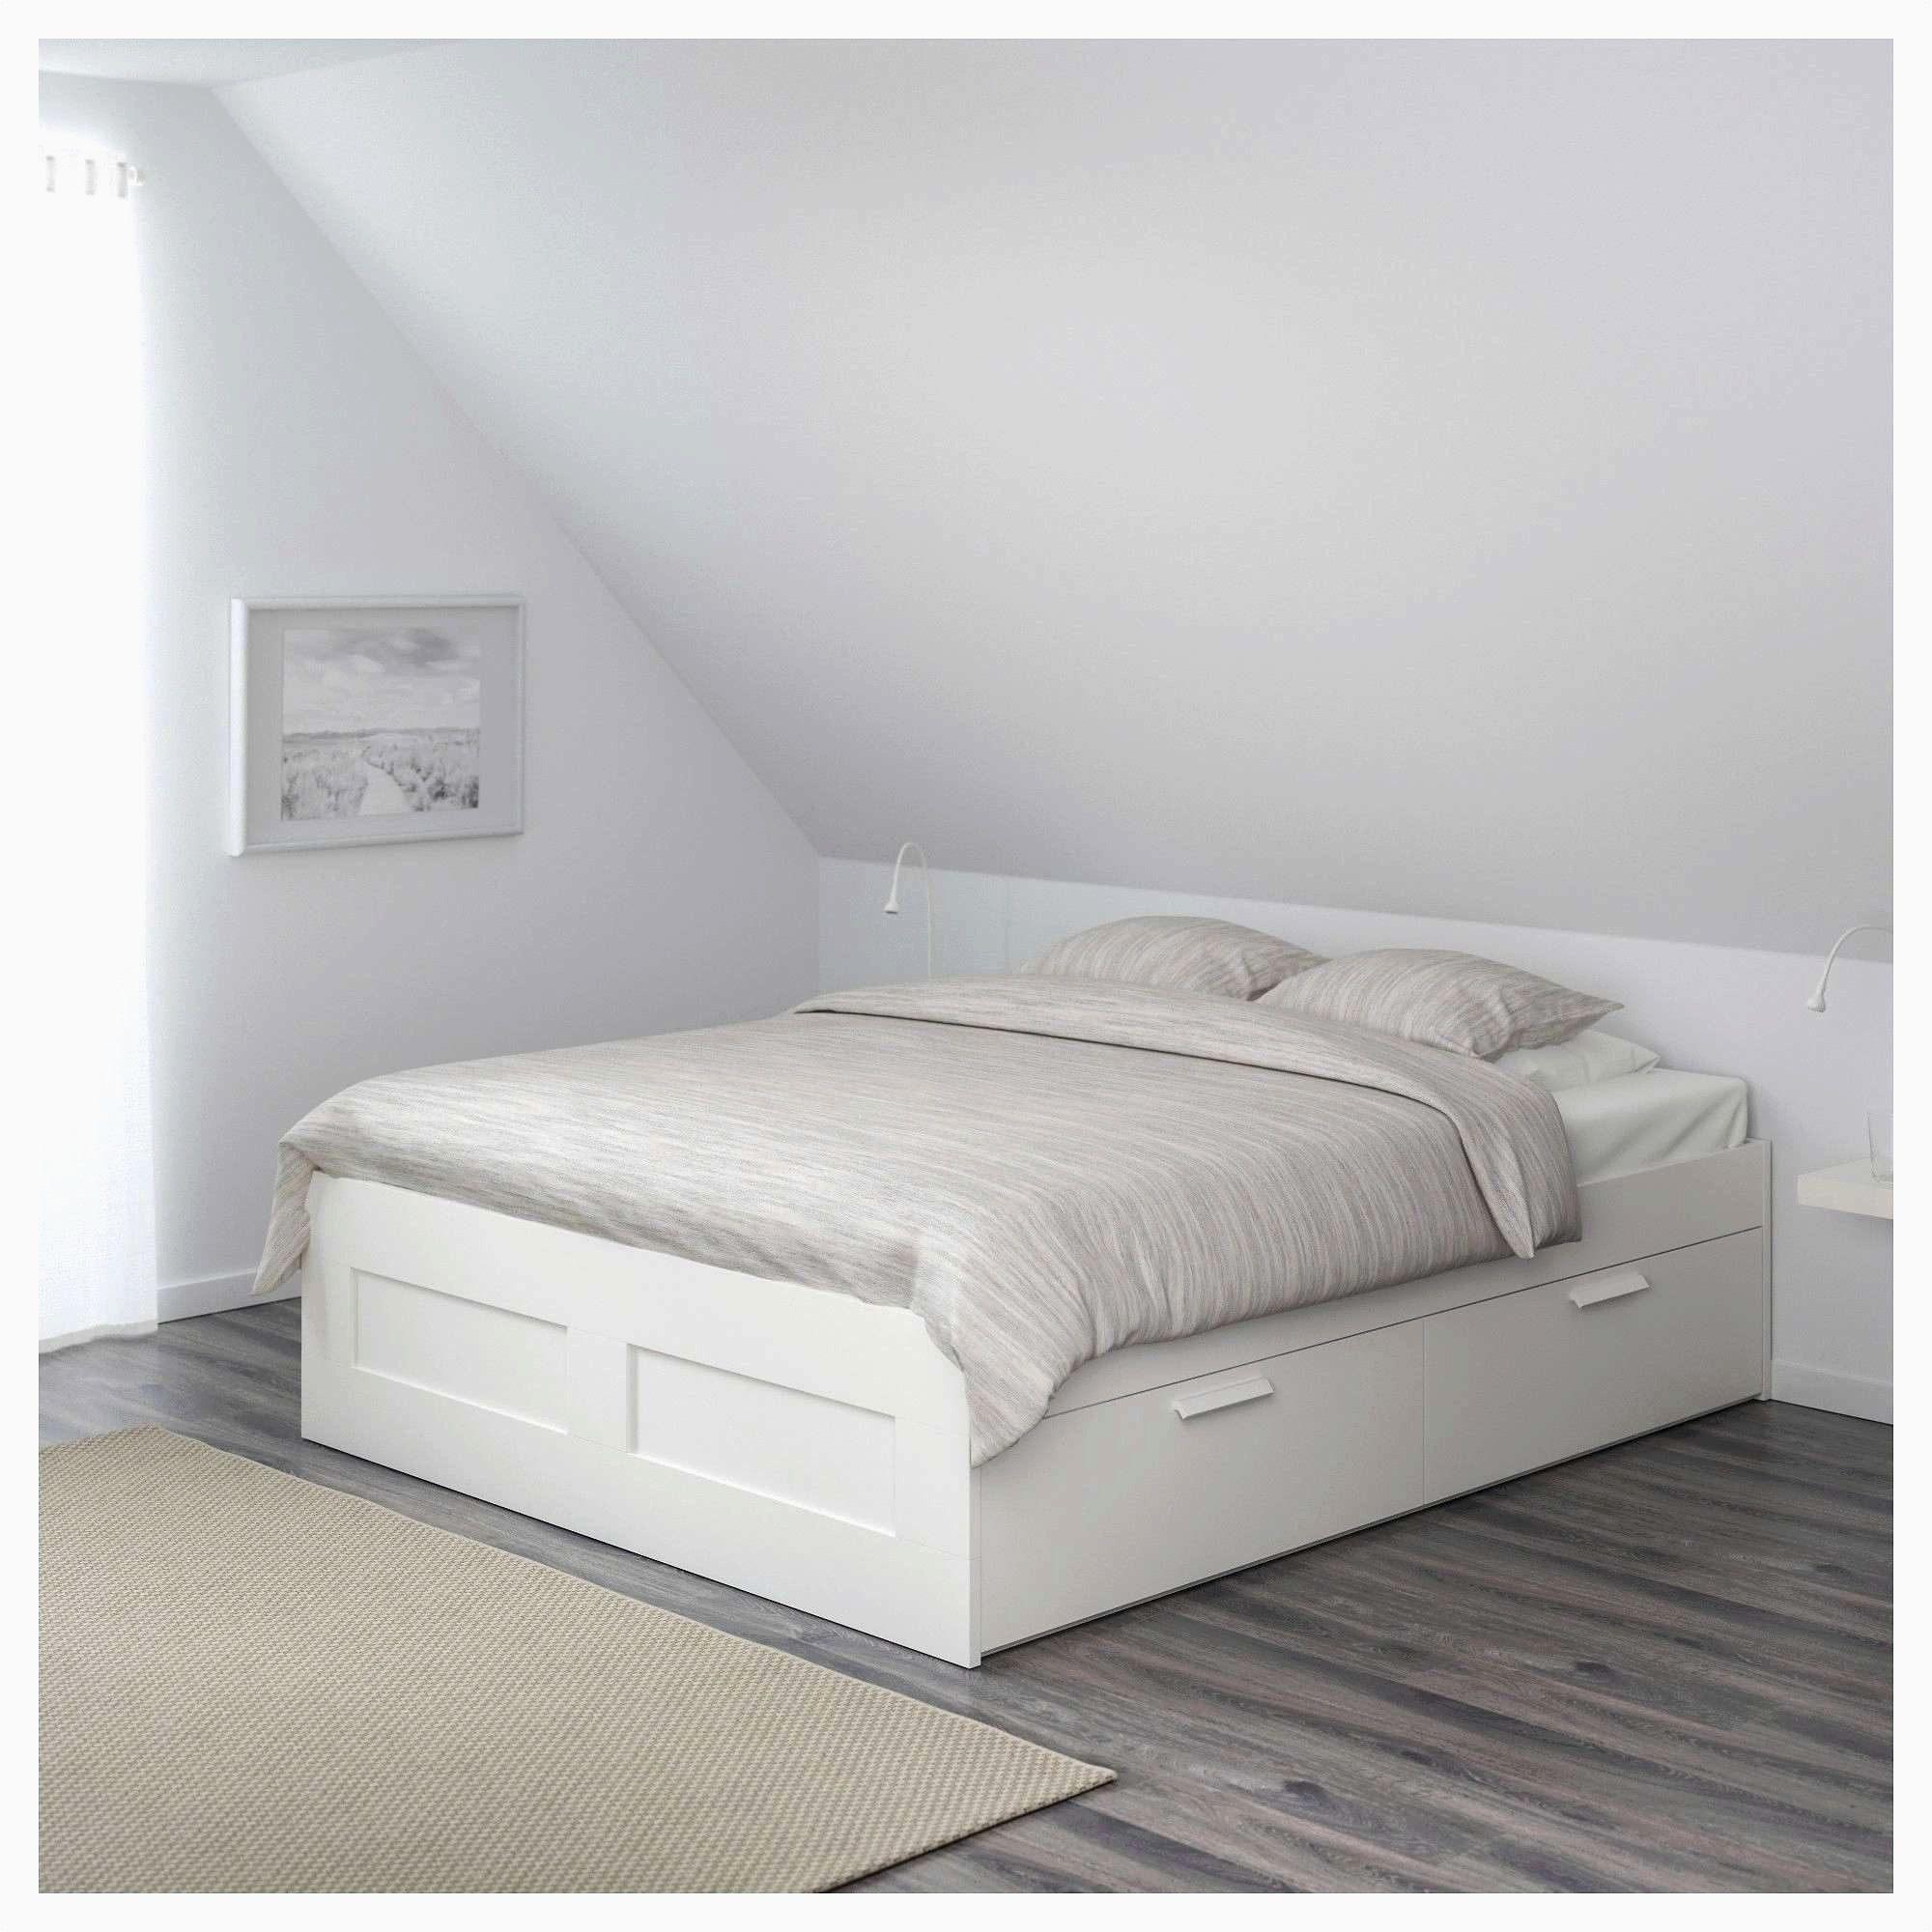 Tete De Lit Malm Impressionnant Tete De Lit 90 Cm Tete De Lit 180 Cm Ikea Rare Armoire Malm Ikea